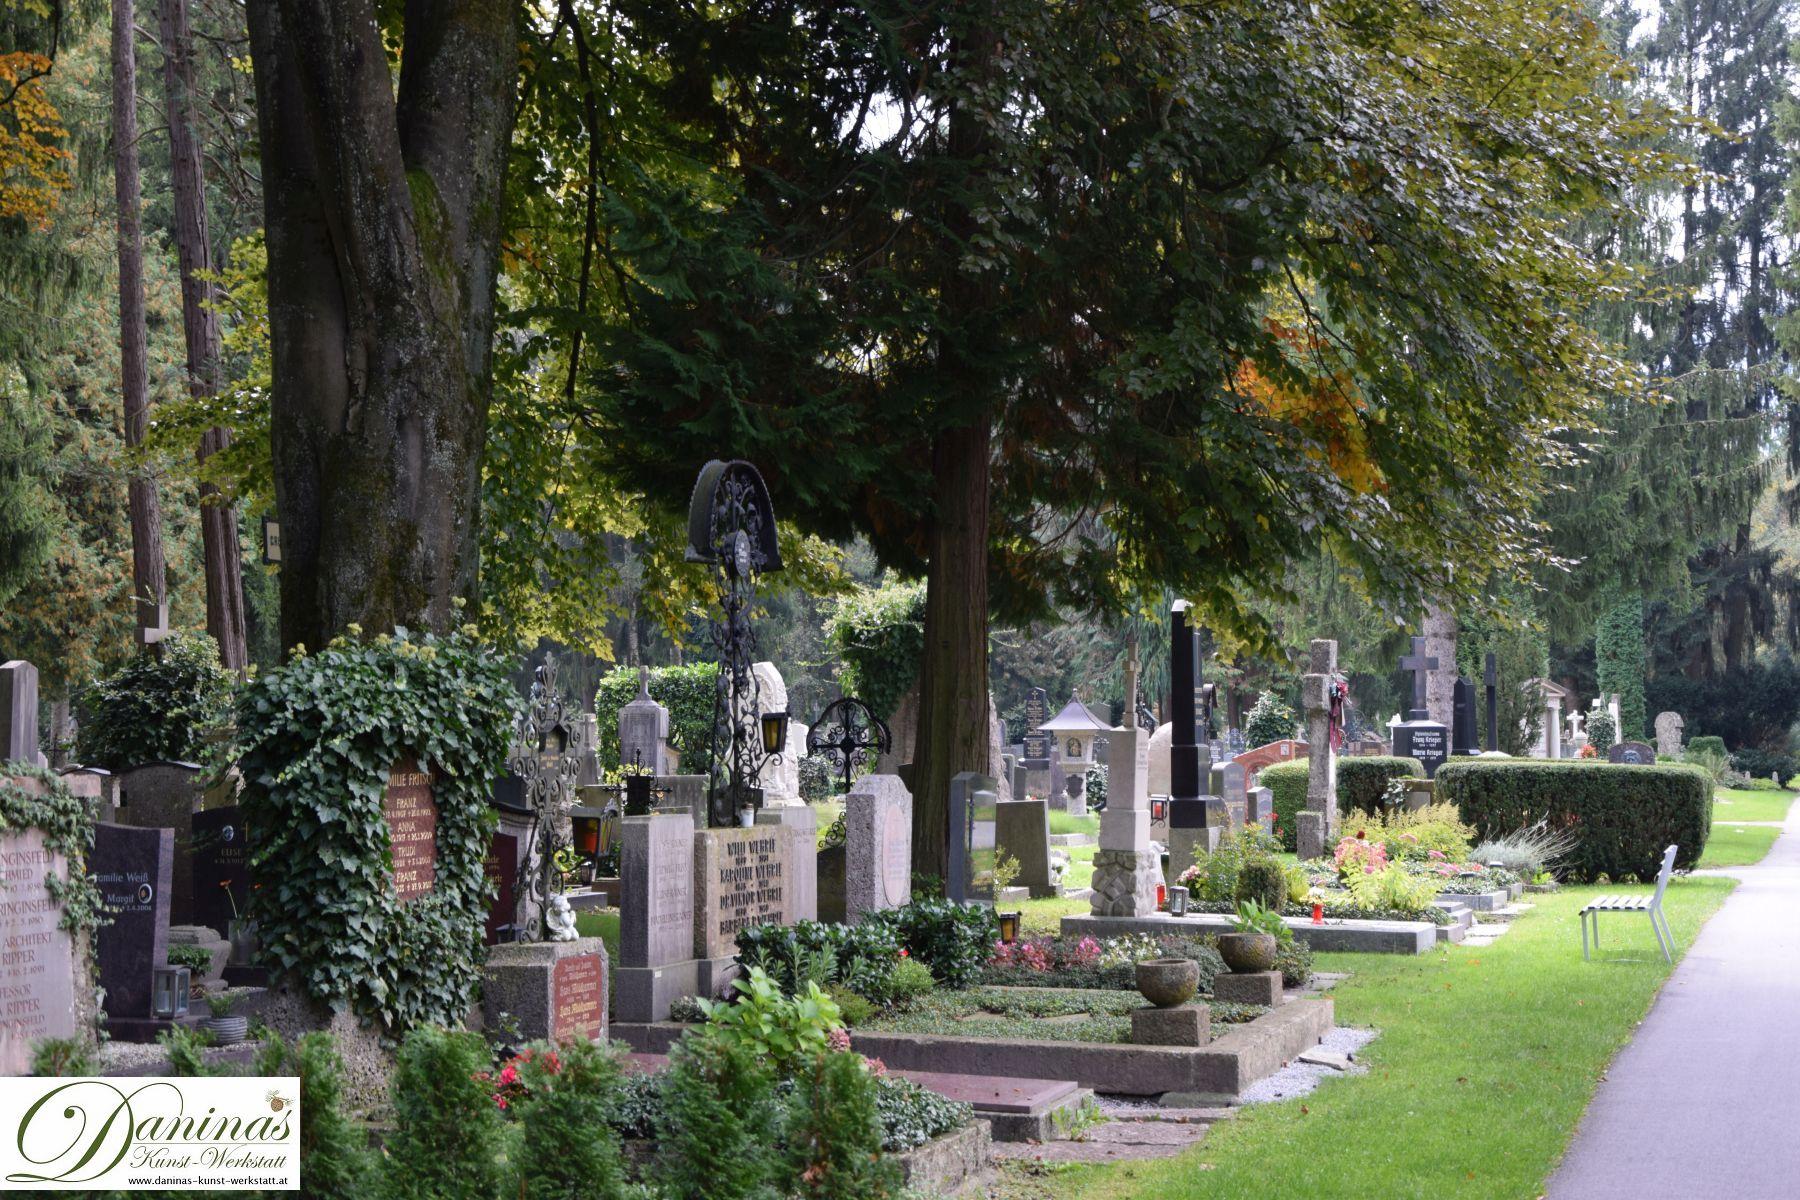 Wunderschön geschmückte Gräber und die landschaftsarchitektonische Schönheit machen den Salzburger Kommunalfriedhof einzigartig!